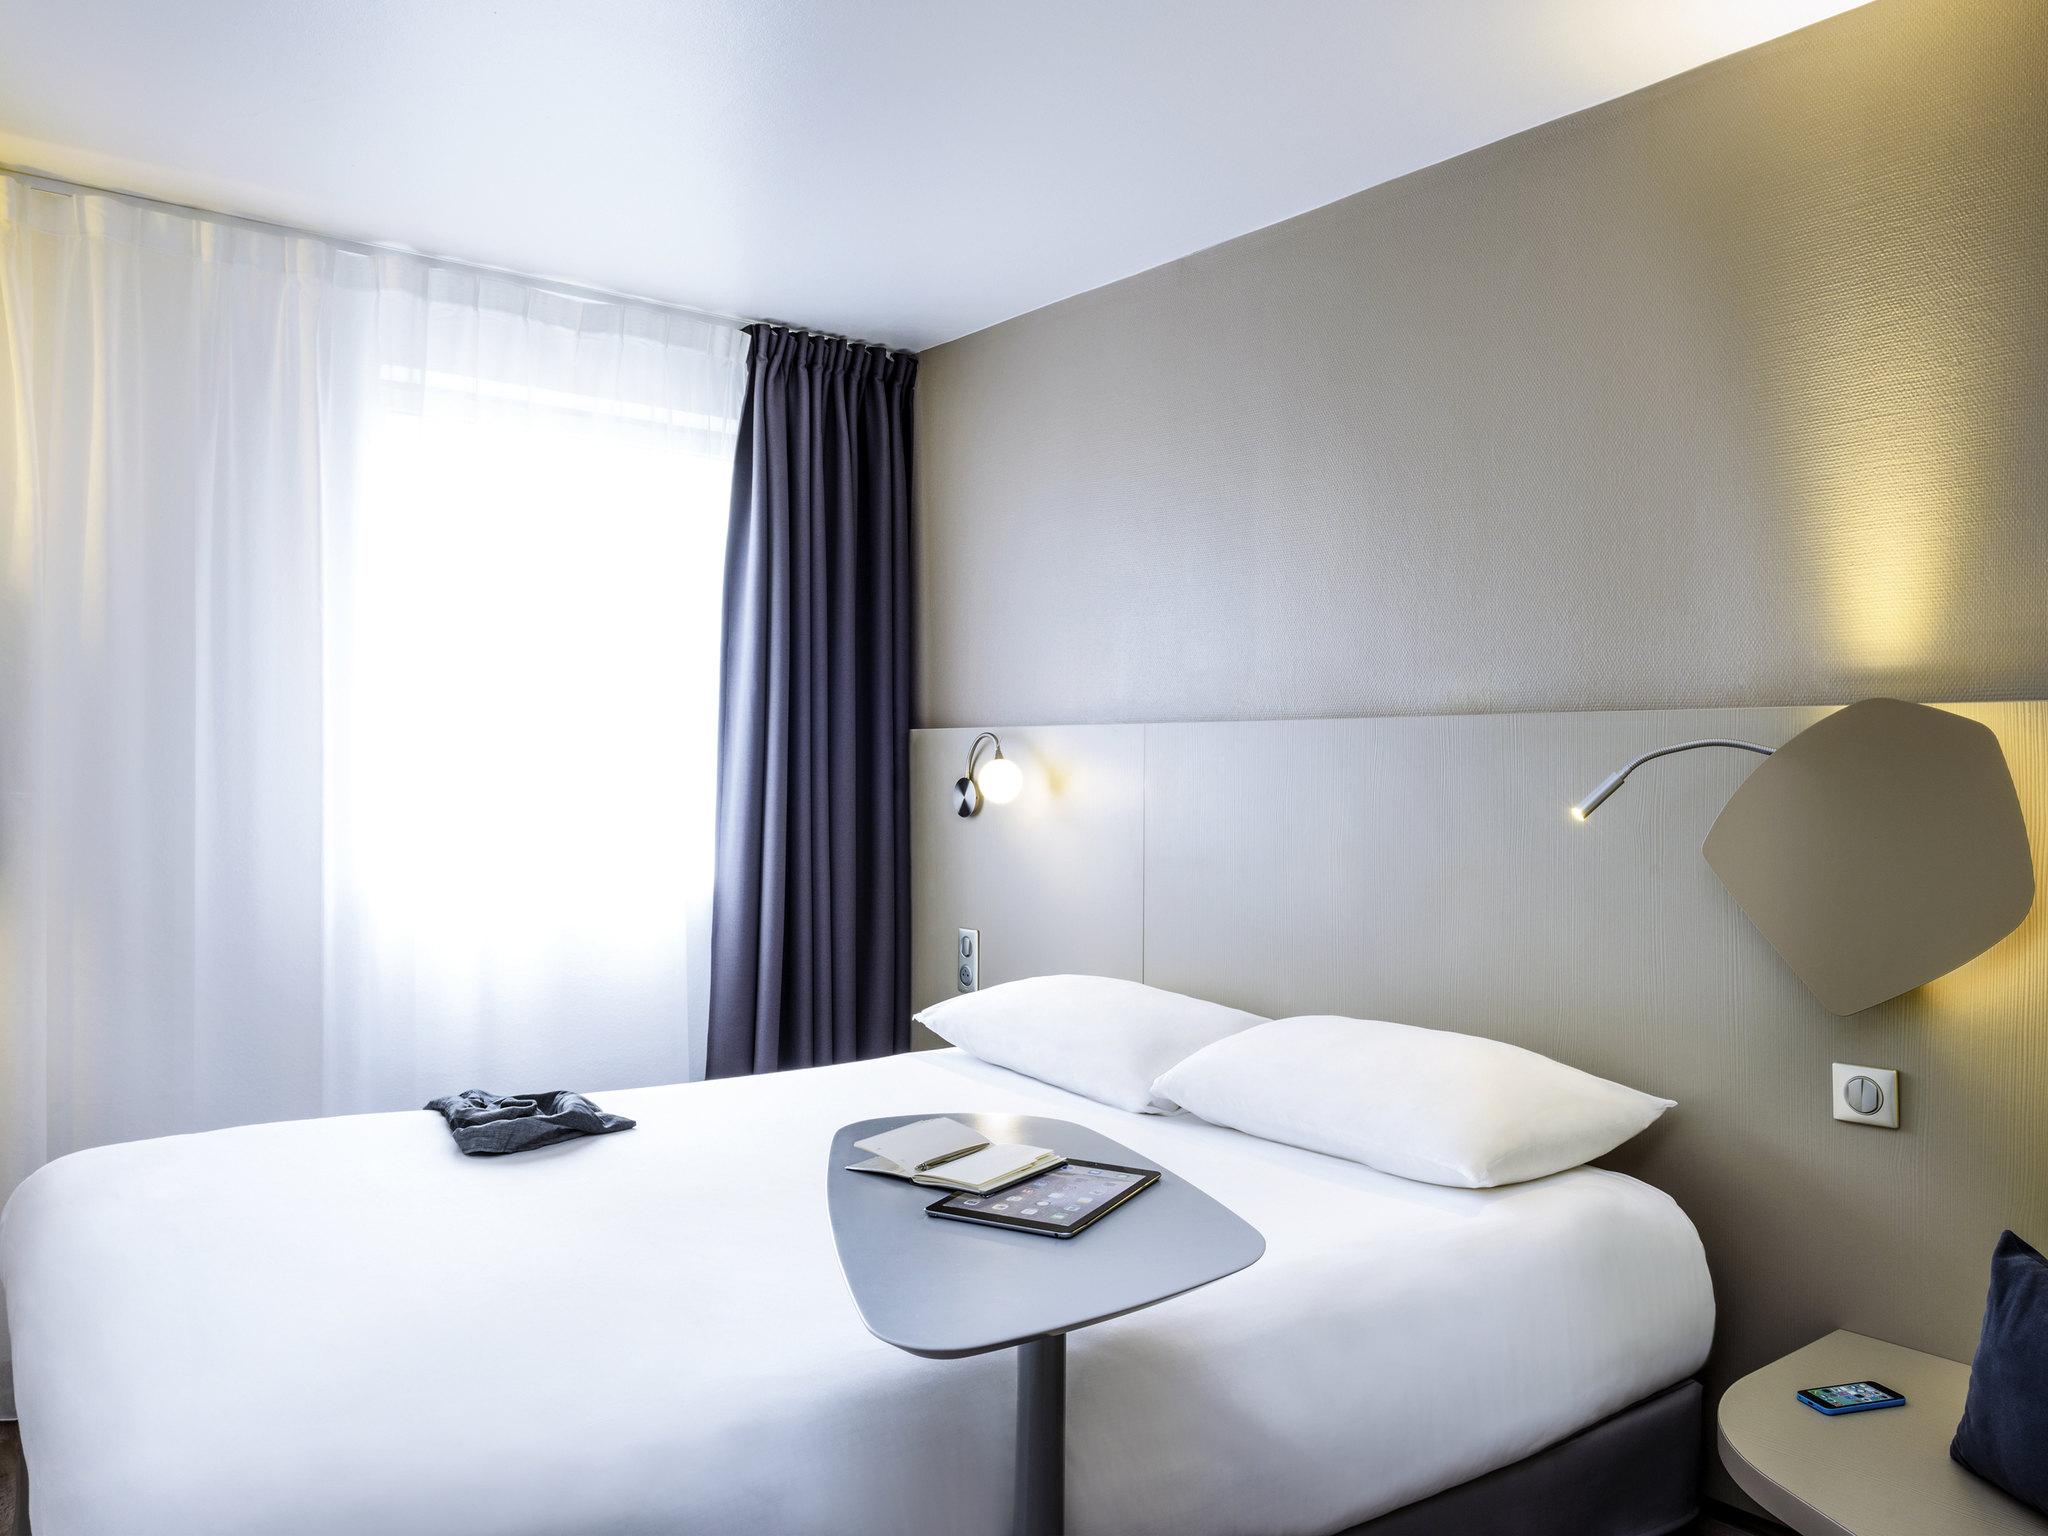 فندق - إيبيس ستايلز ibis Styles باريس بيرسي